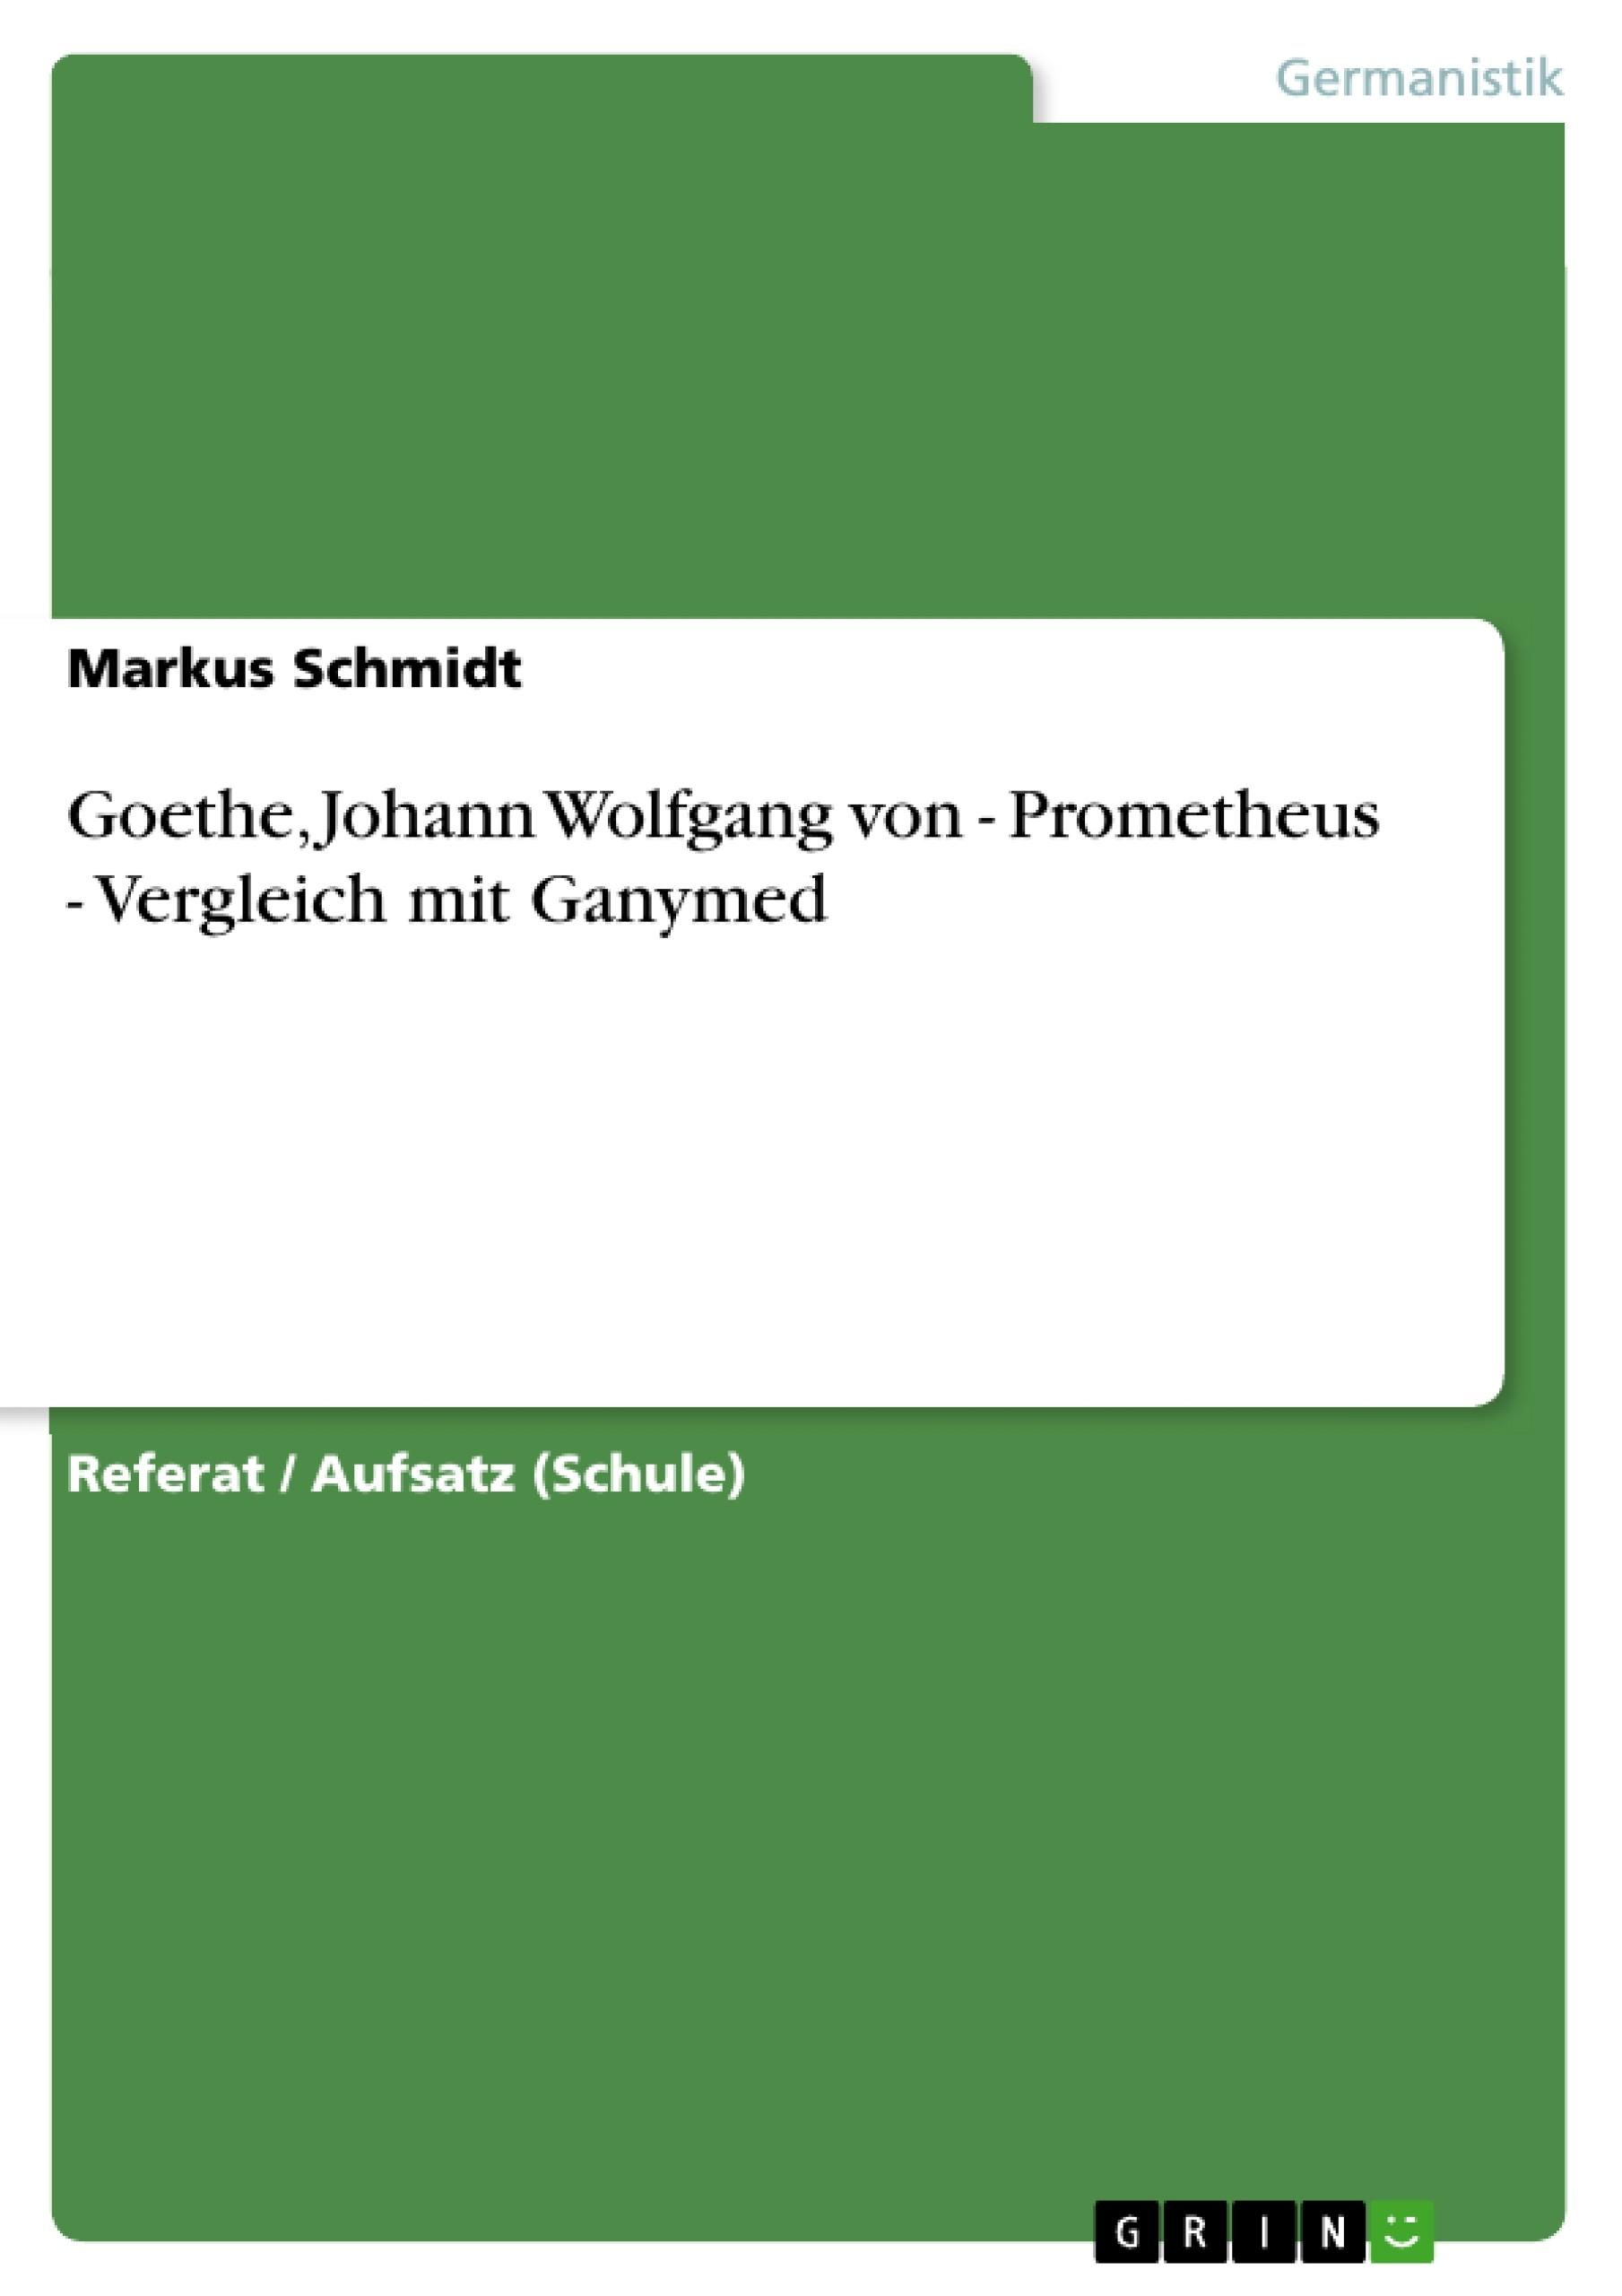 Titel: Goethe, Johann Wolfgang von - Prometheus - Vergleich mit Ganymed